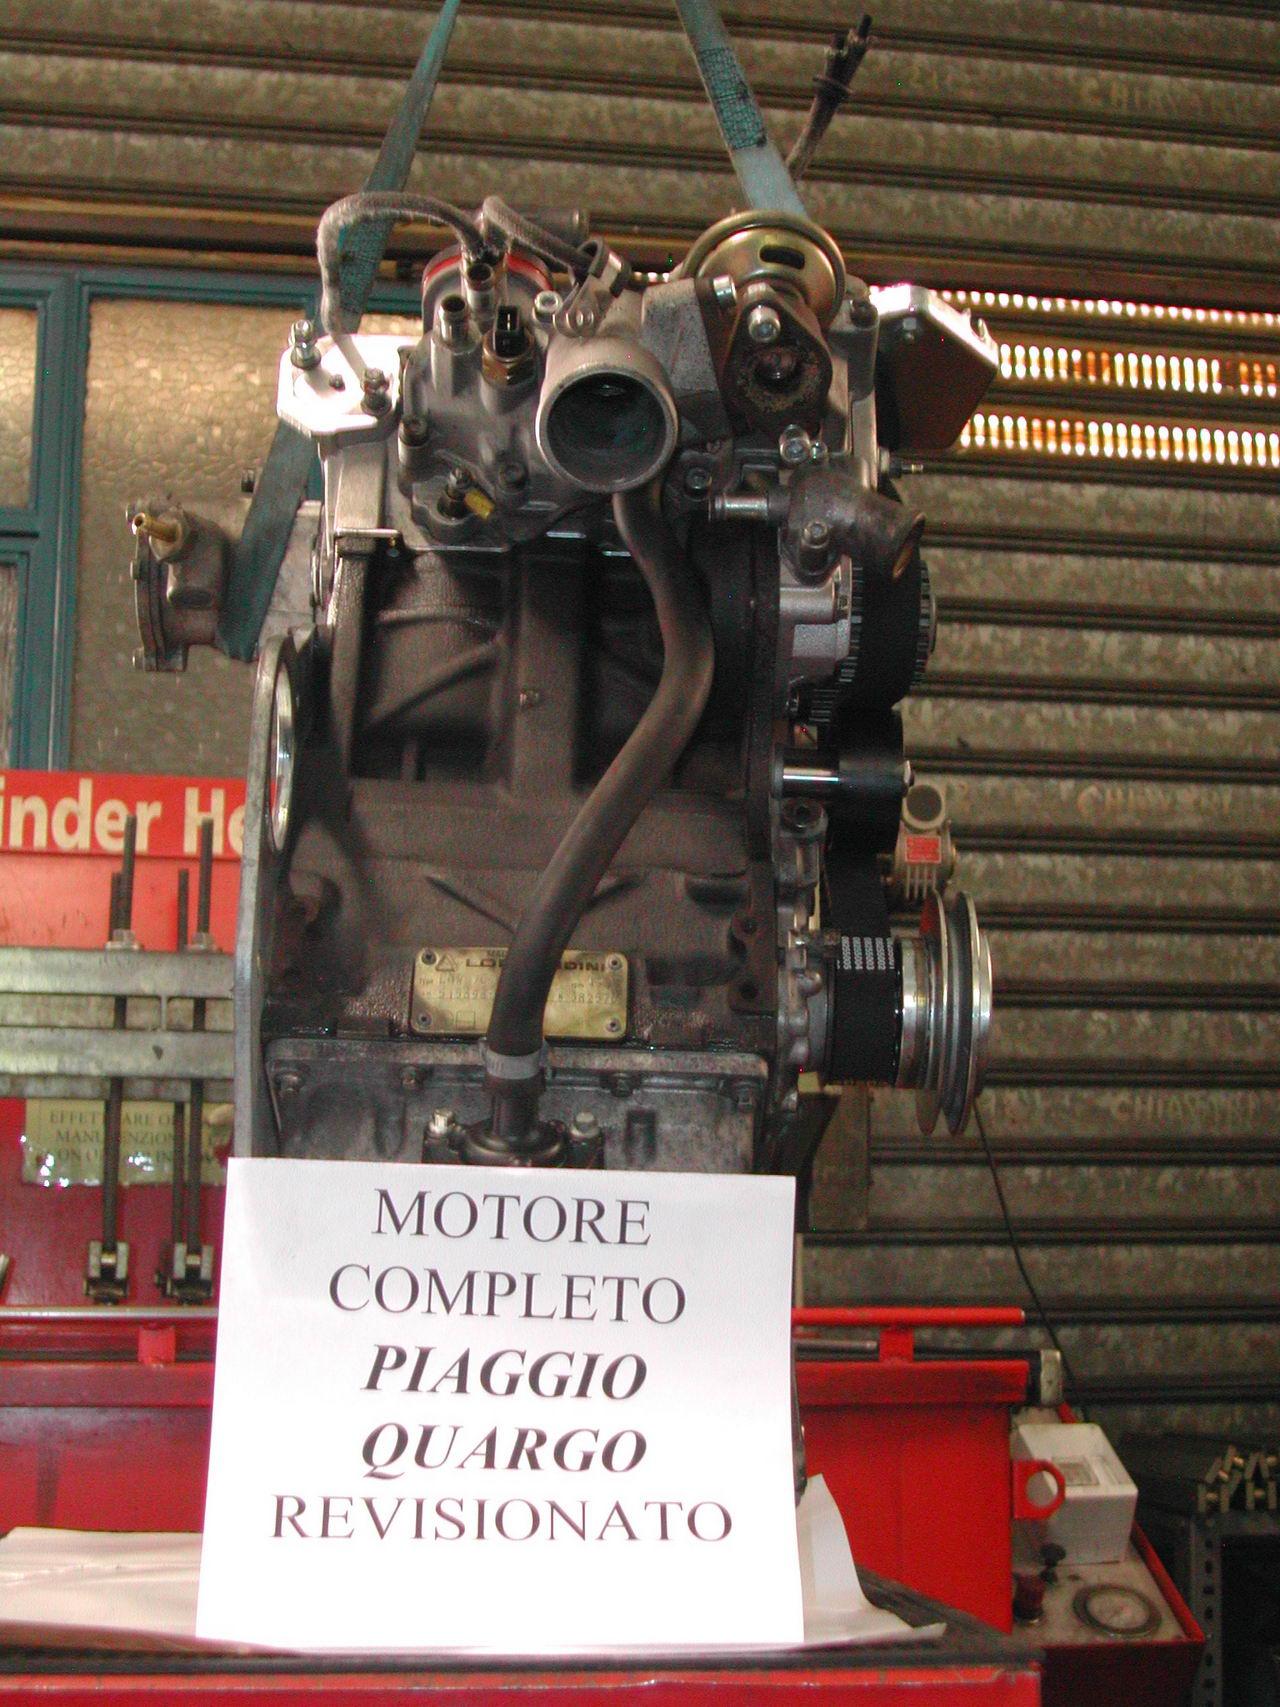 Schema motore quargo